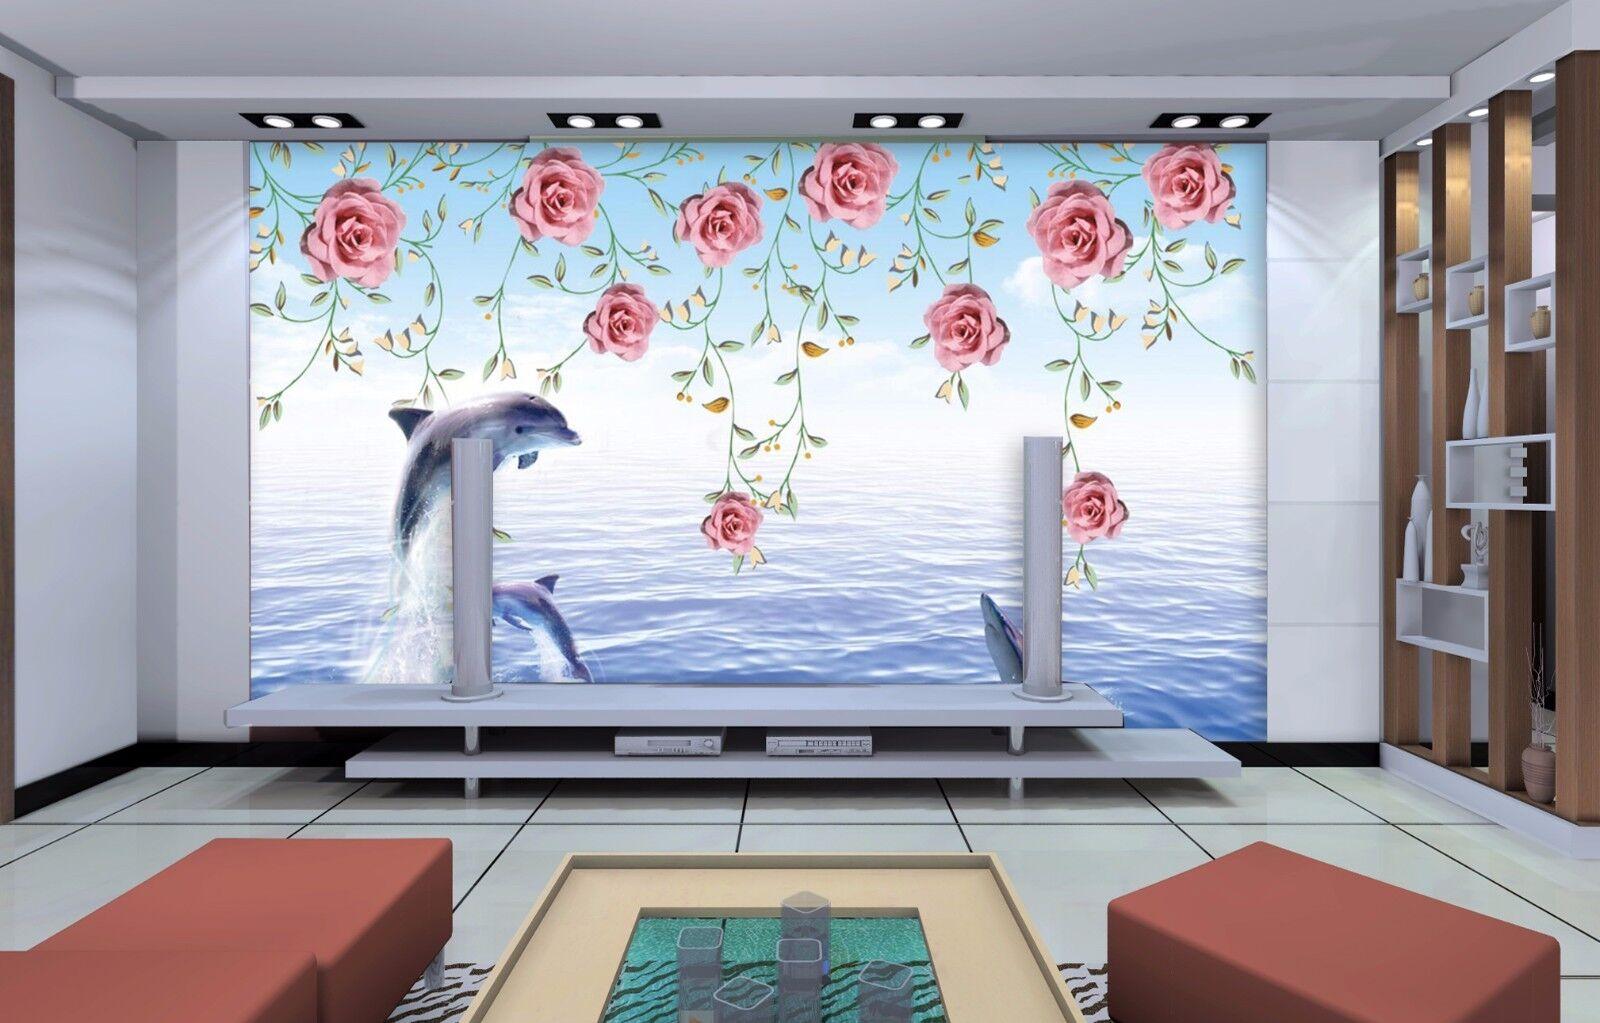 3D Flowers Dolphin 5WandPapier Murals Wand Drucken WandPapier Mural AJ WandPapier UK